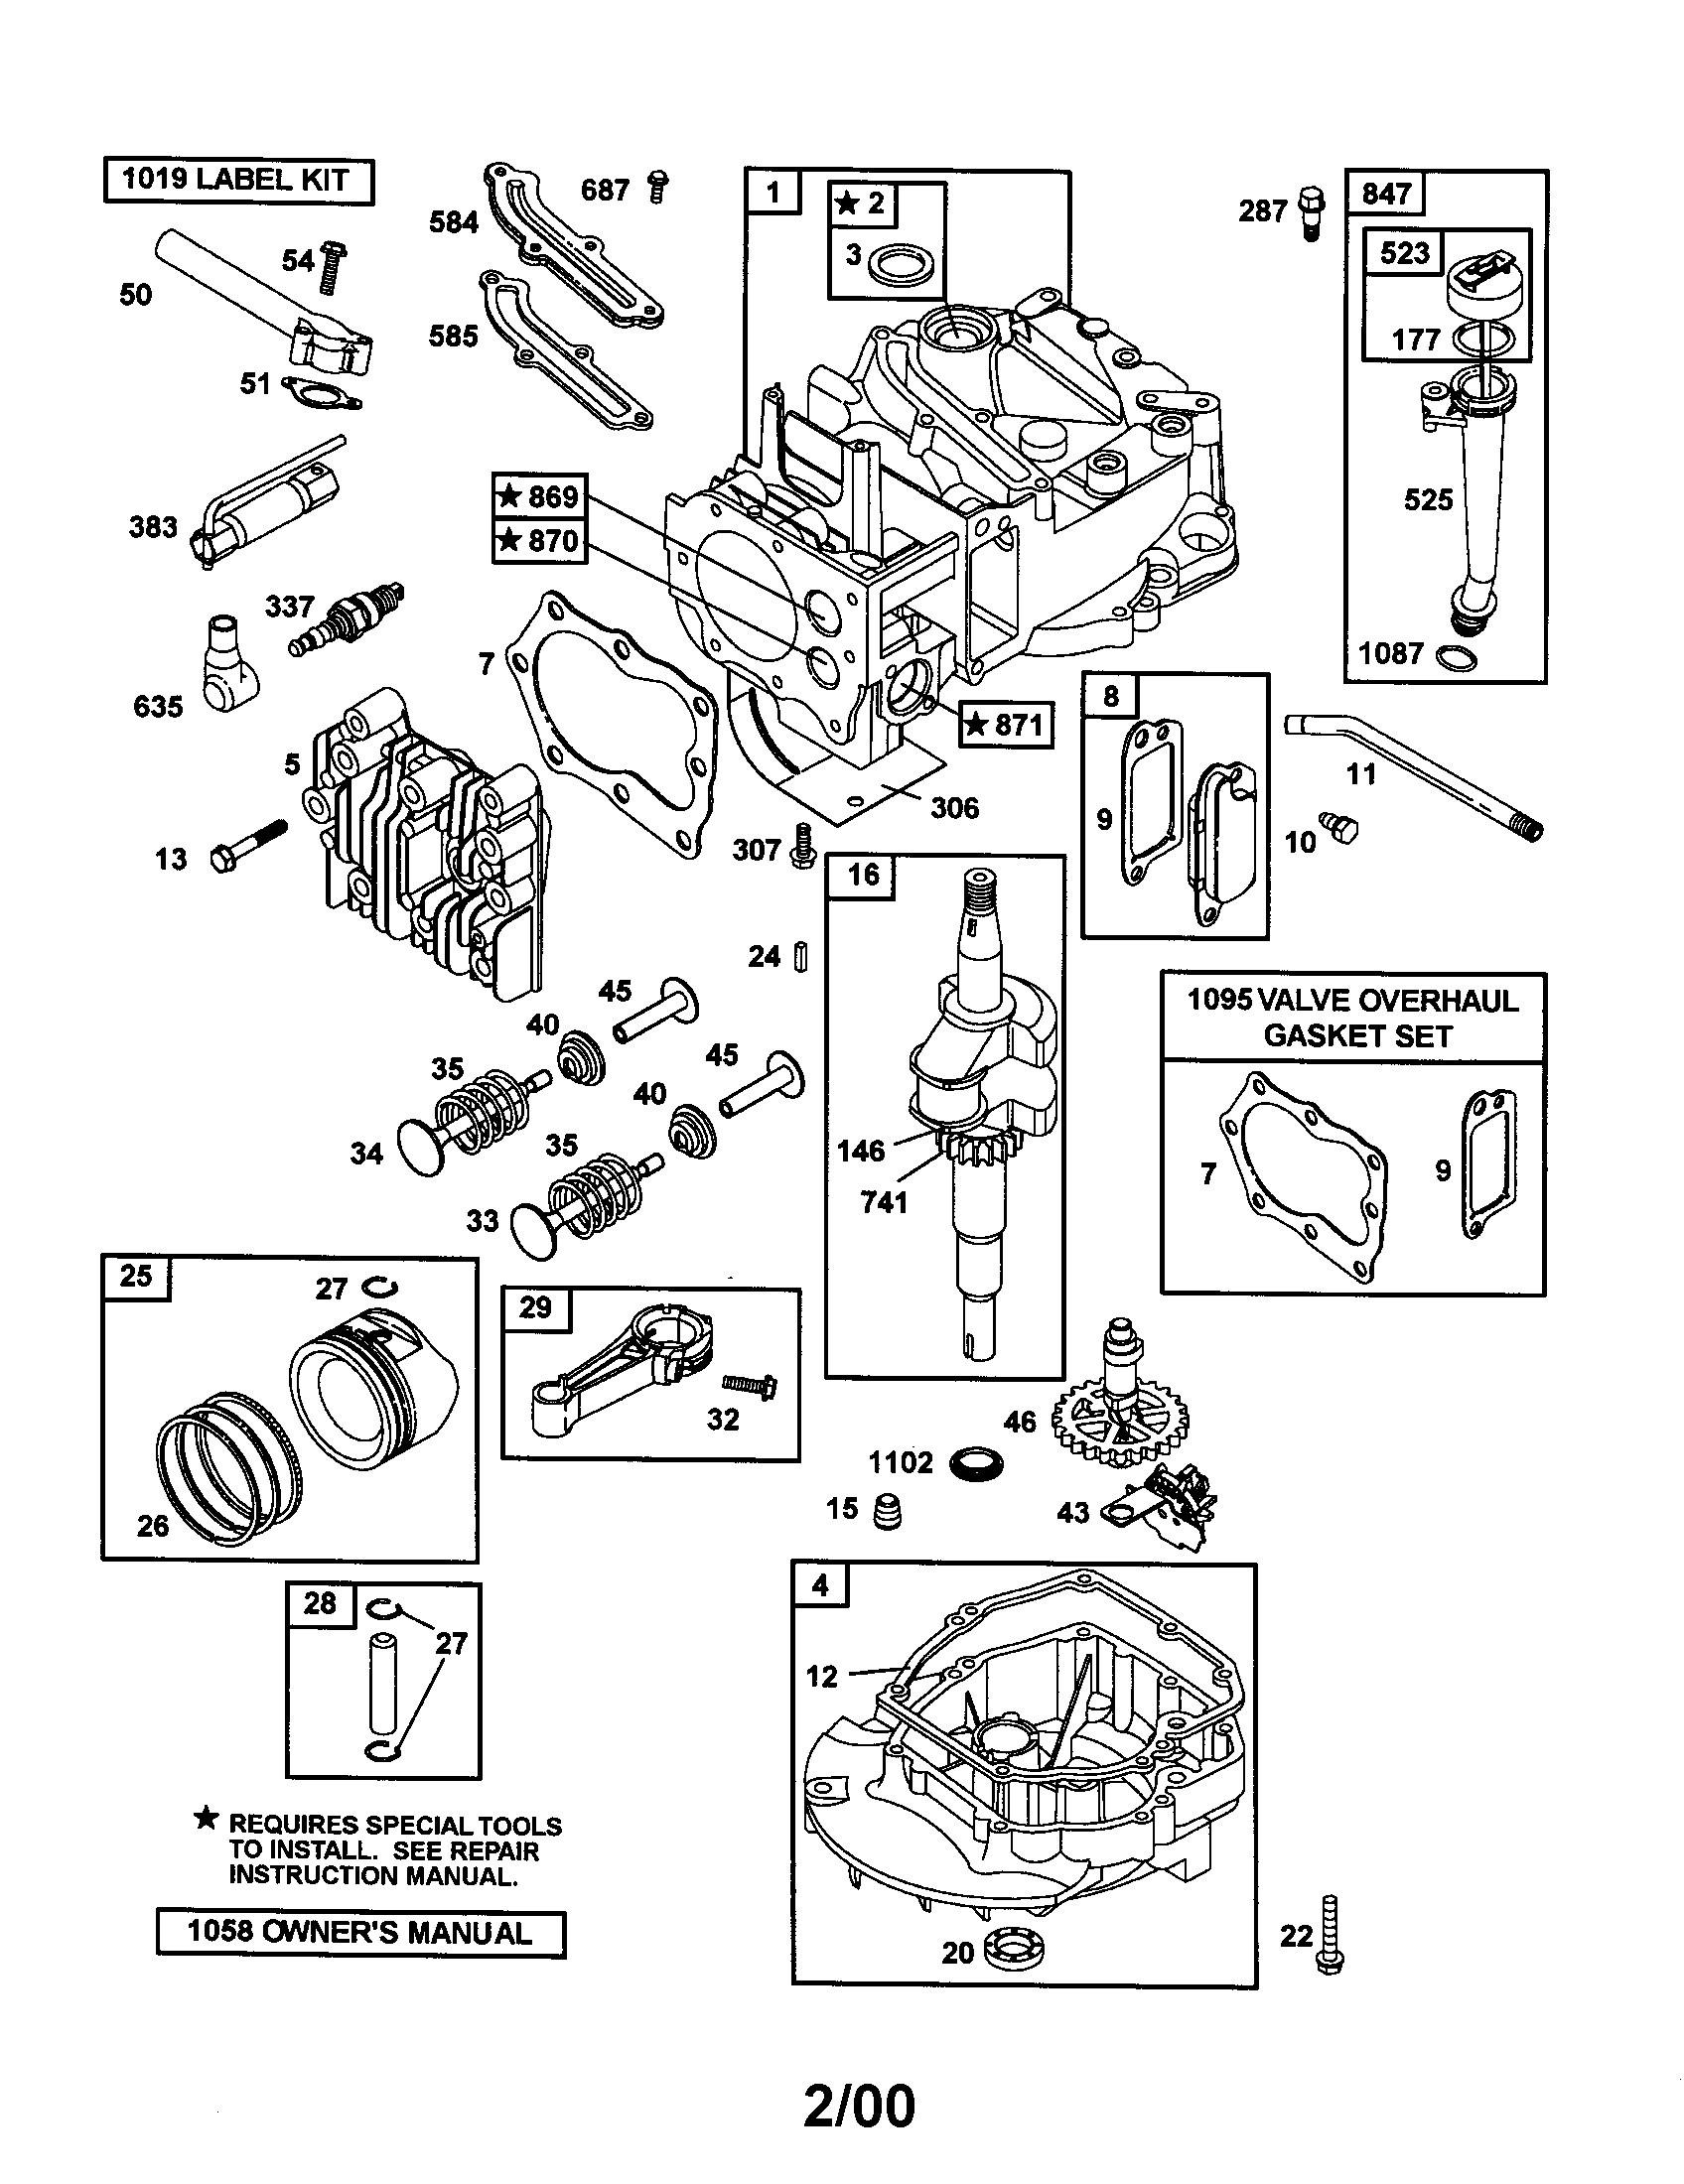 2003 honda pilot fuse box diagram